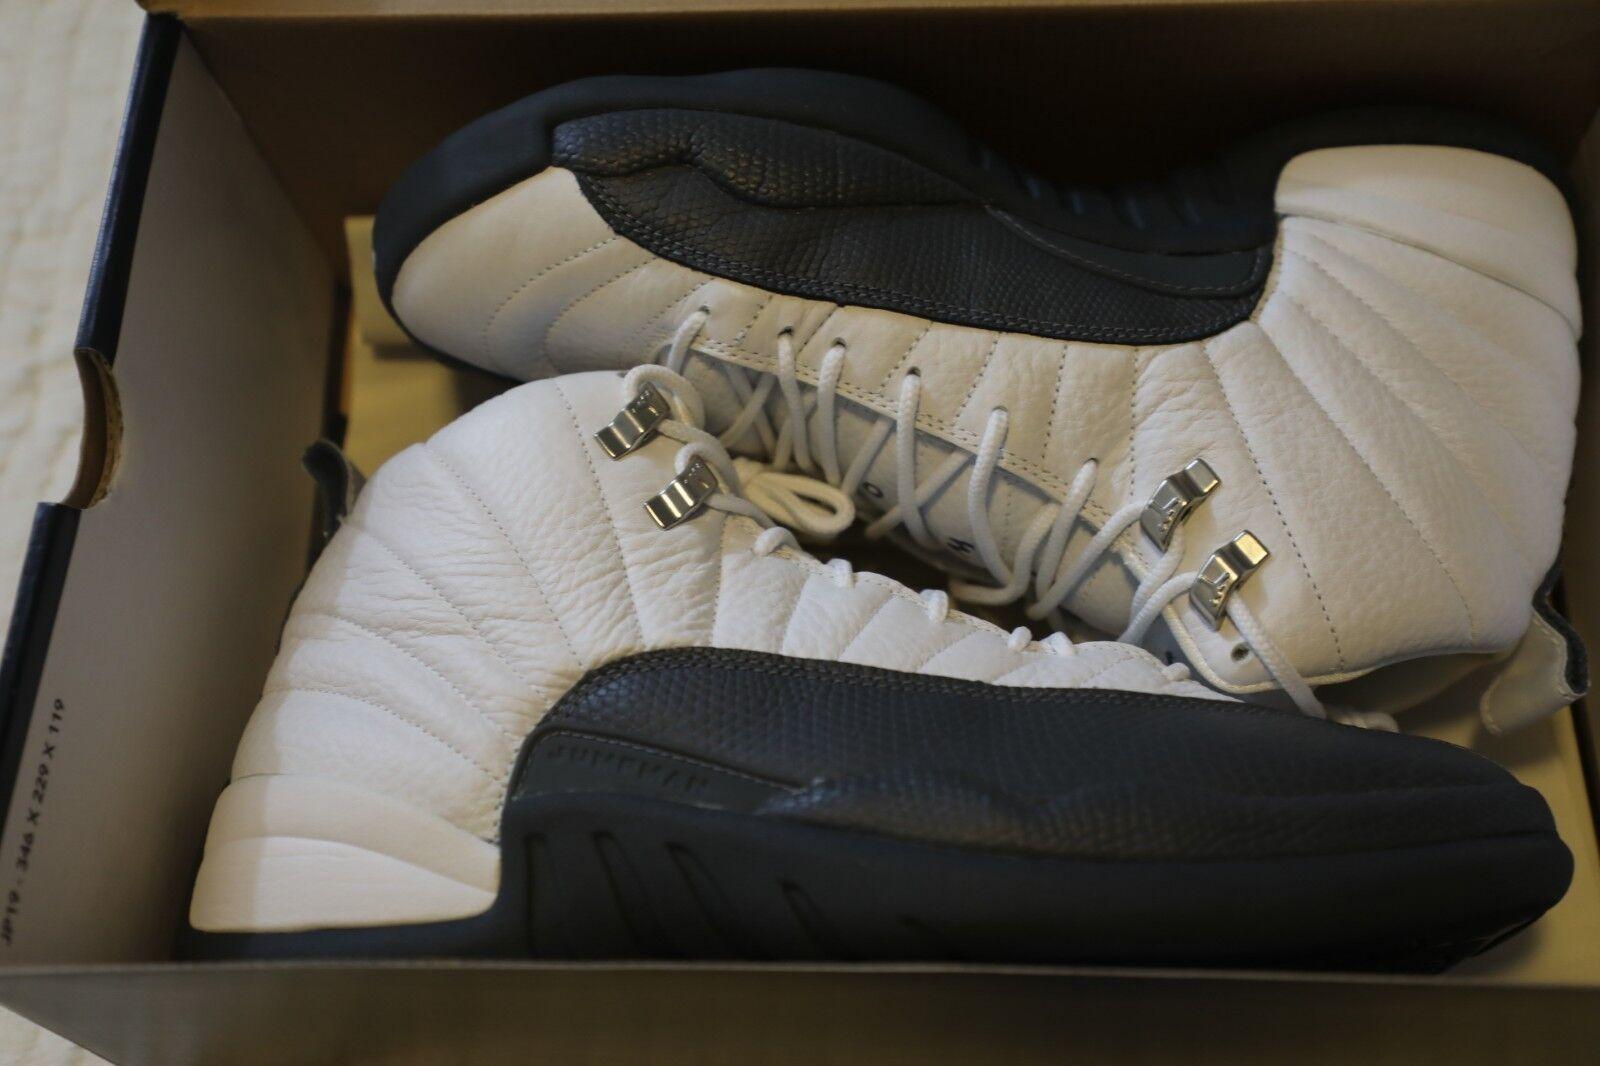 88ed508f699 Nike Air Jordan XII 12 Retro Black White Gold Men Shoes 136001 016